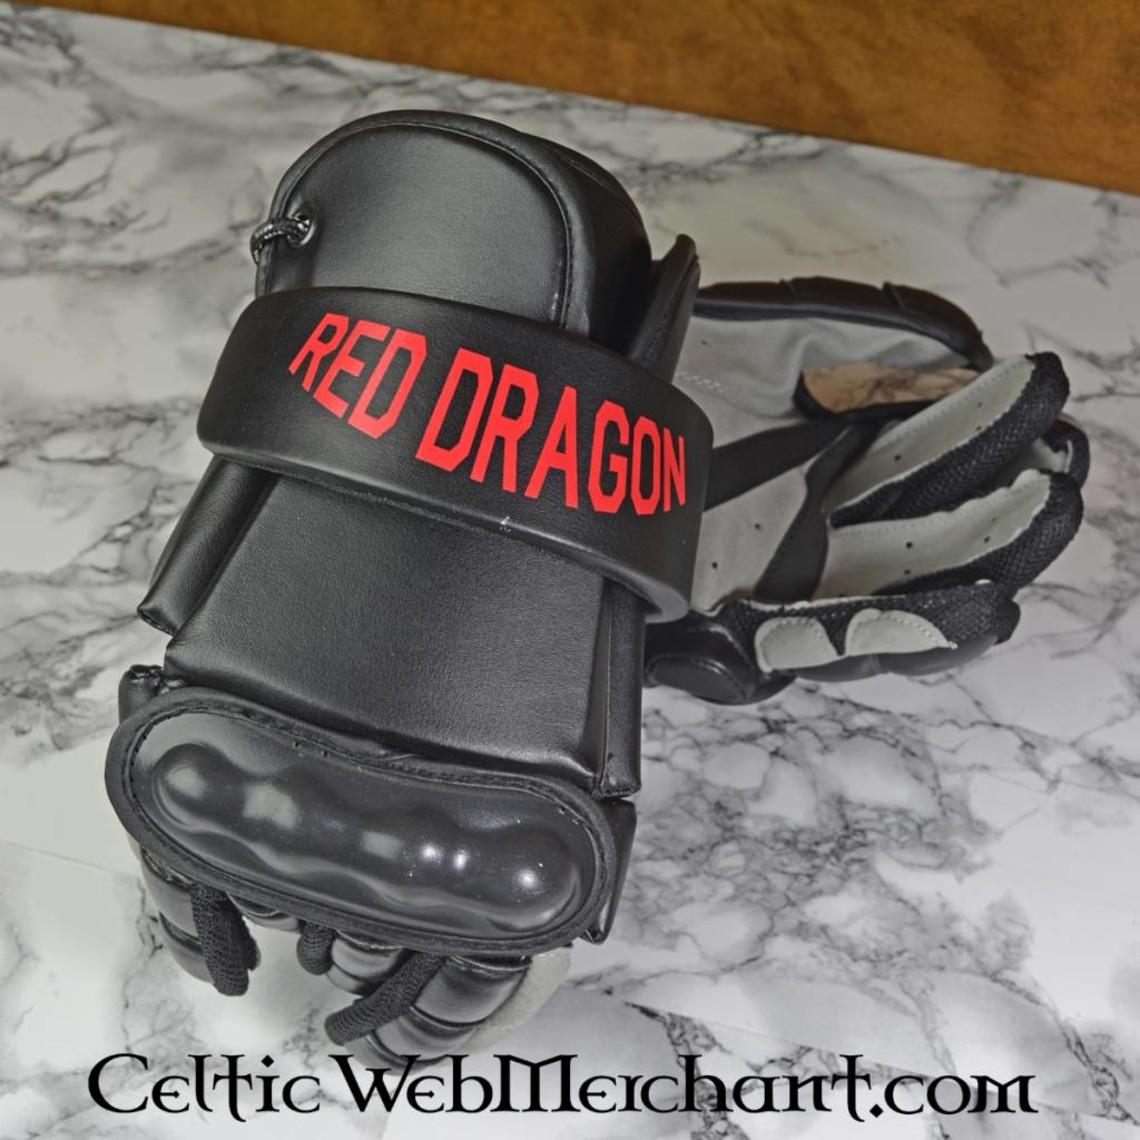 Red dragon Epée Gants de Combat L